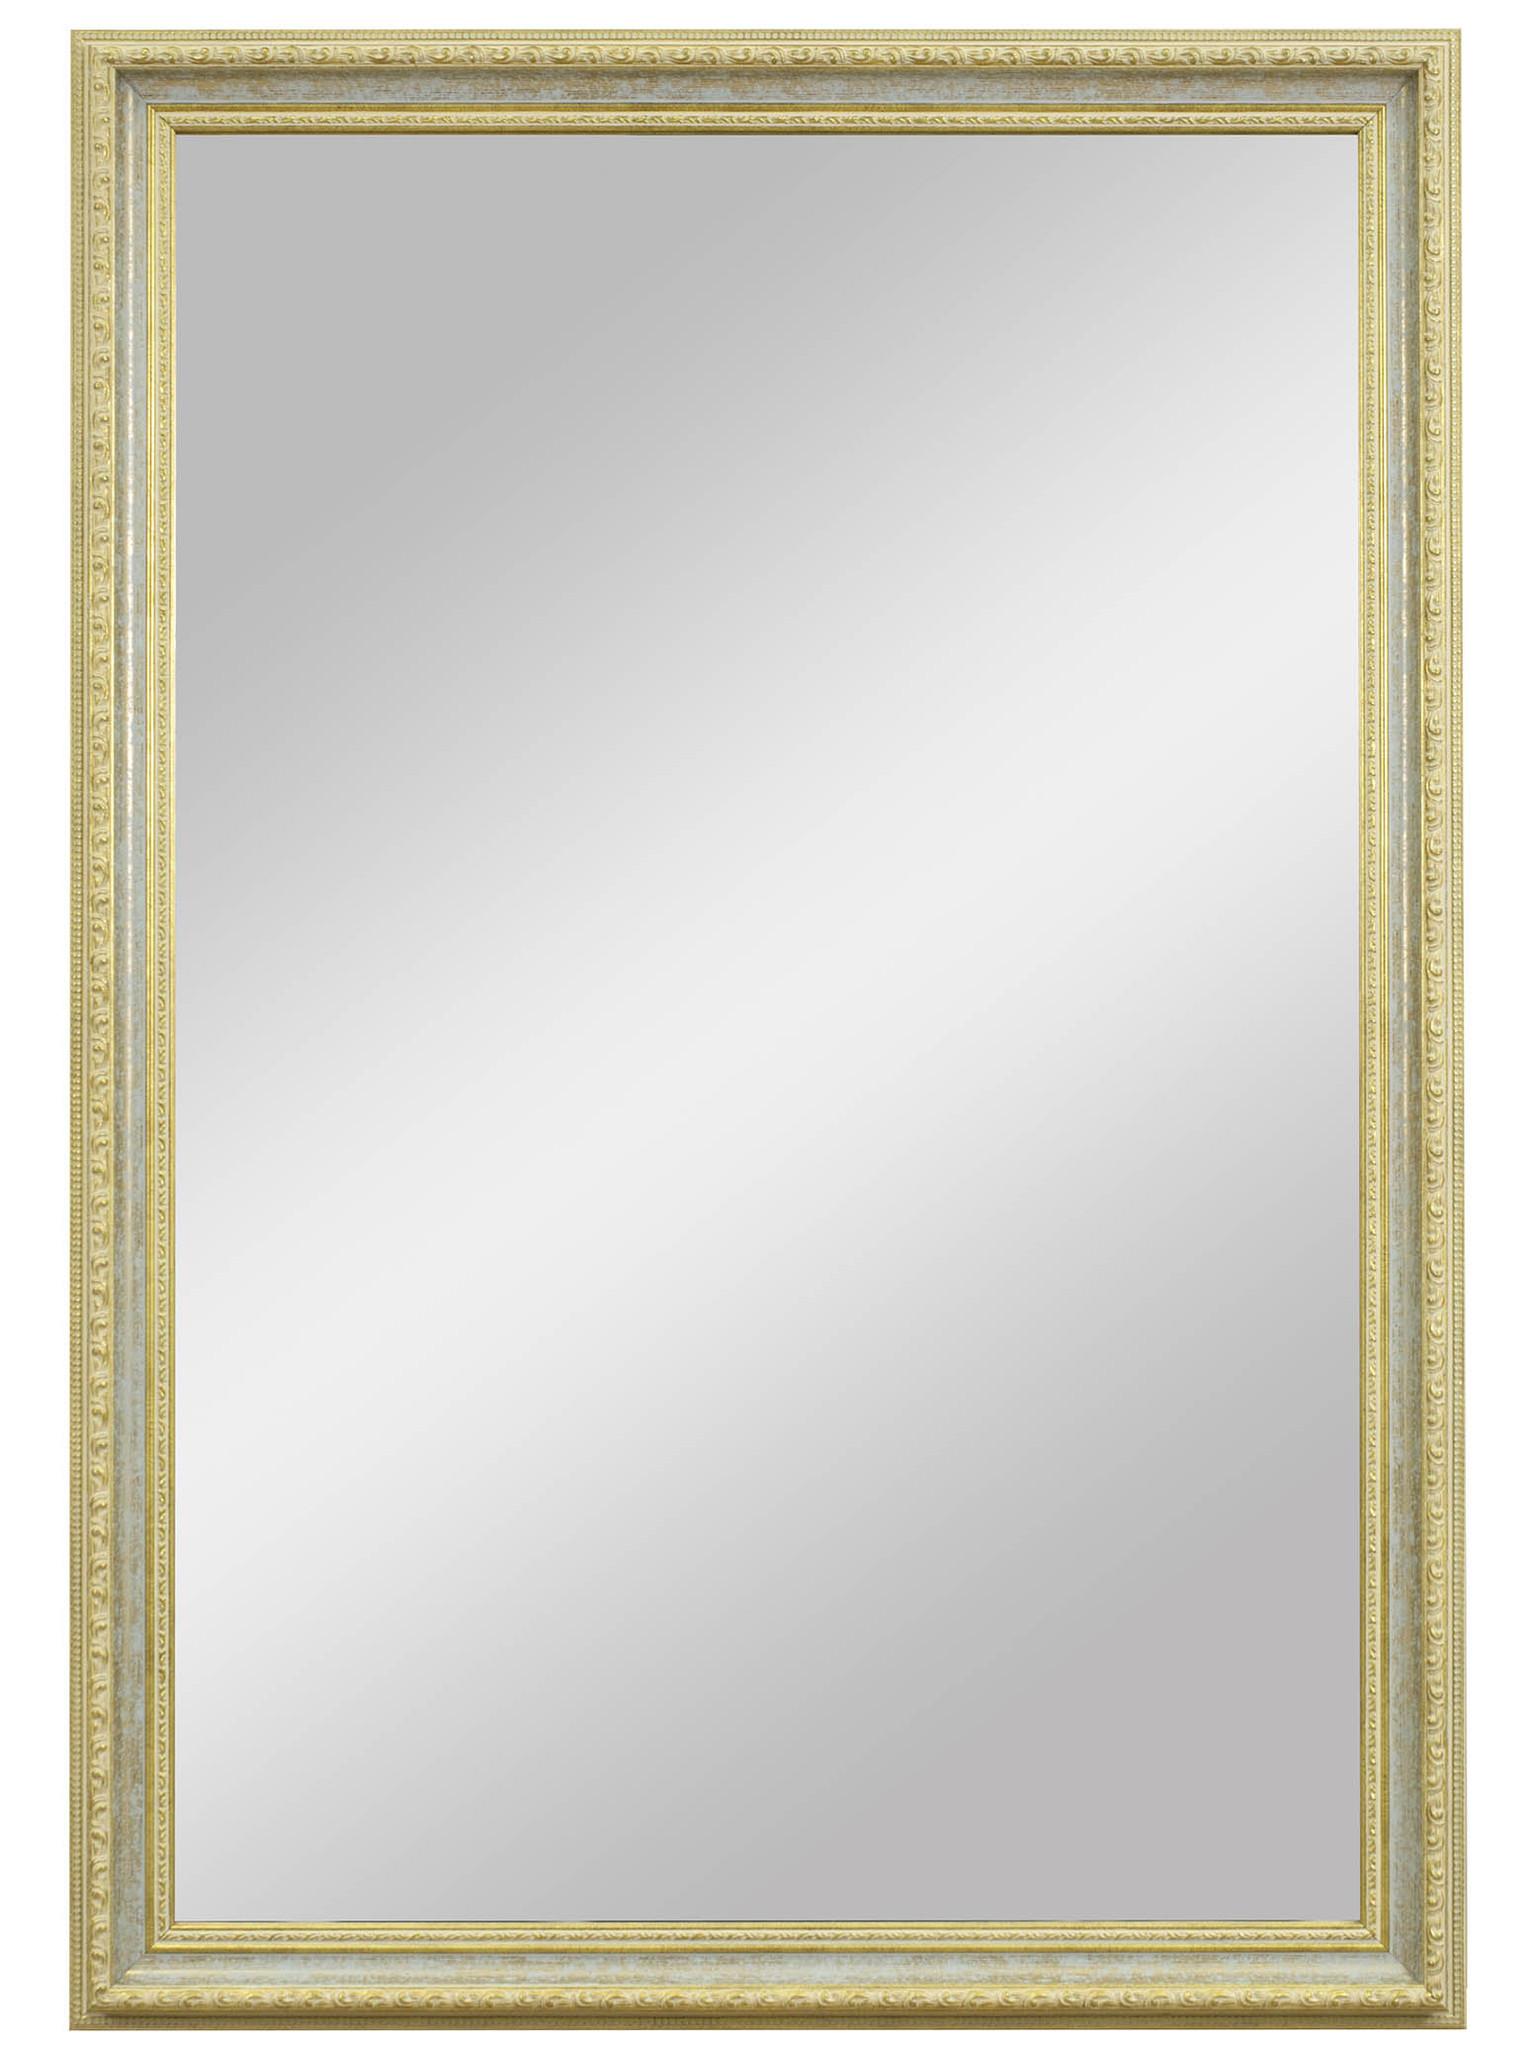 Купить Настенное зеркало Живая классика , inmyroom, Россия